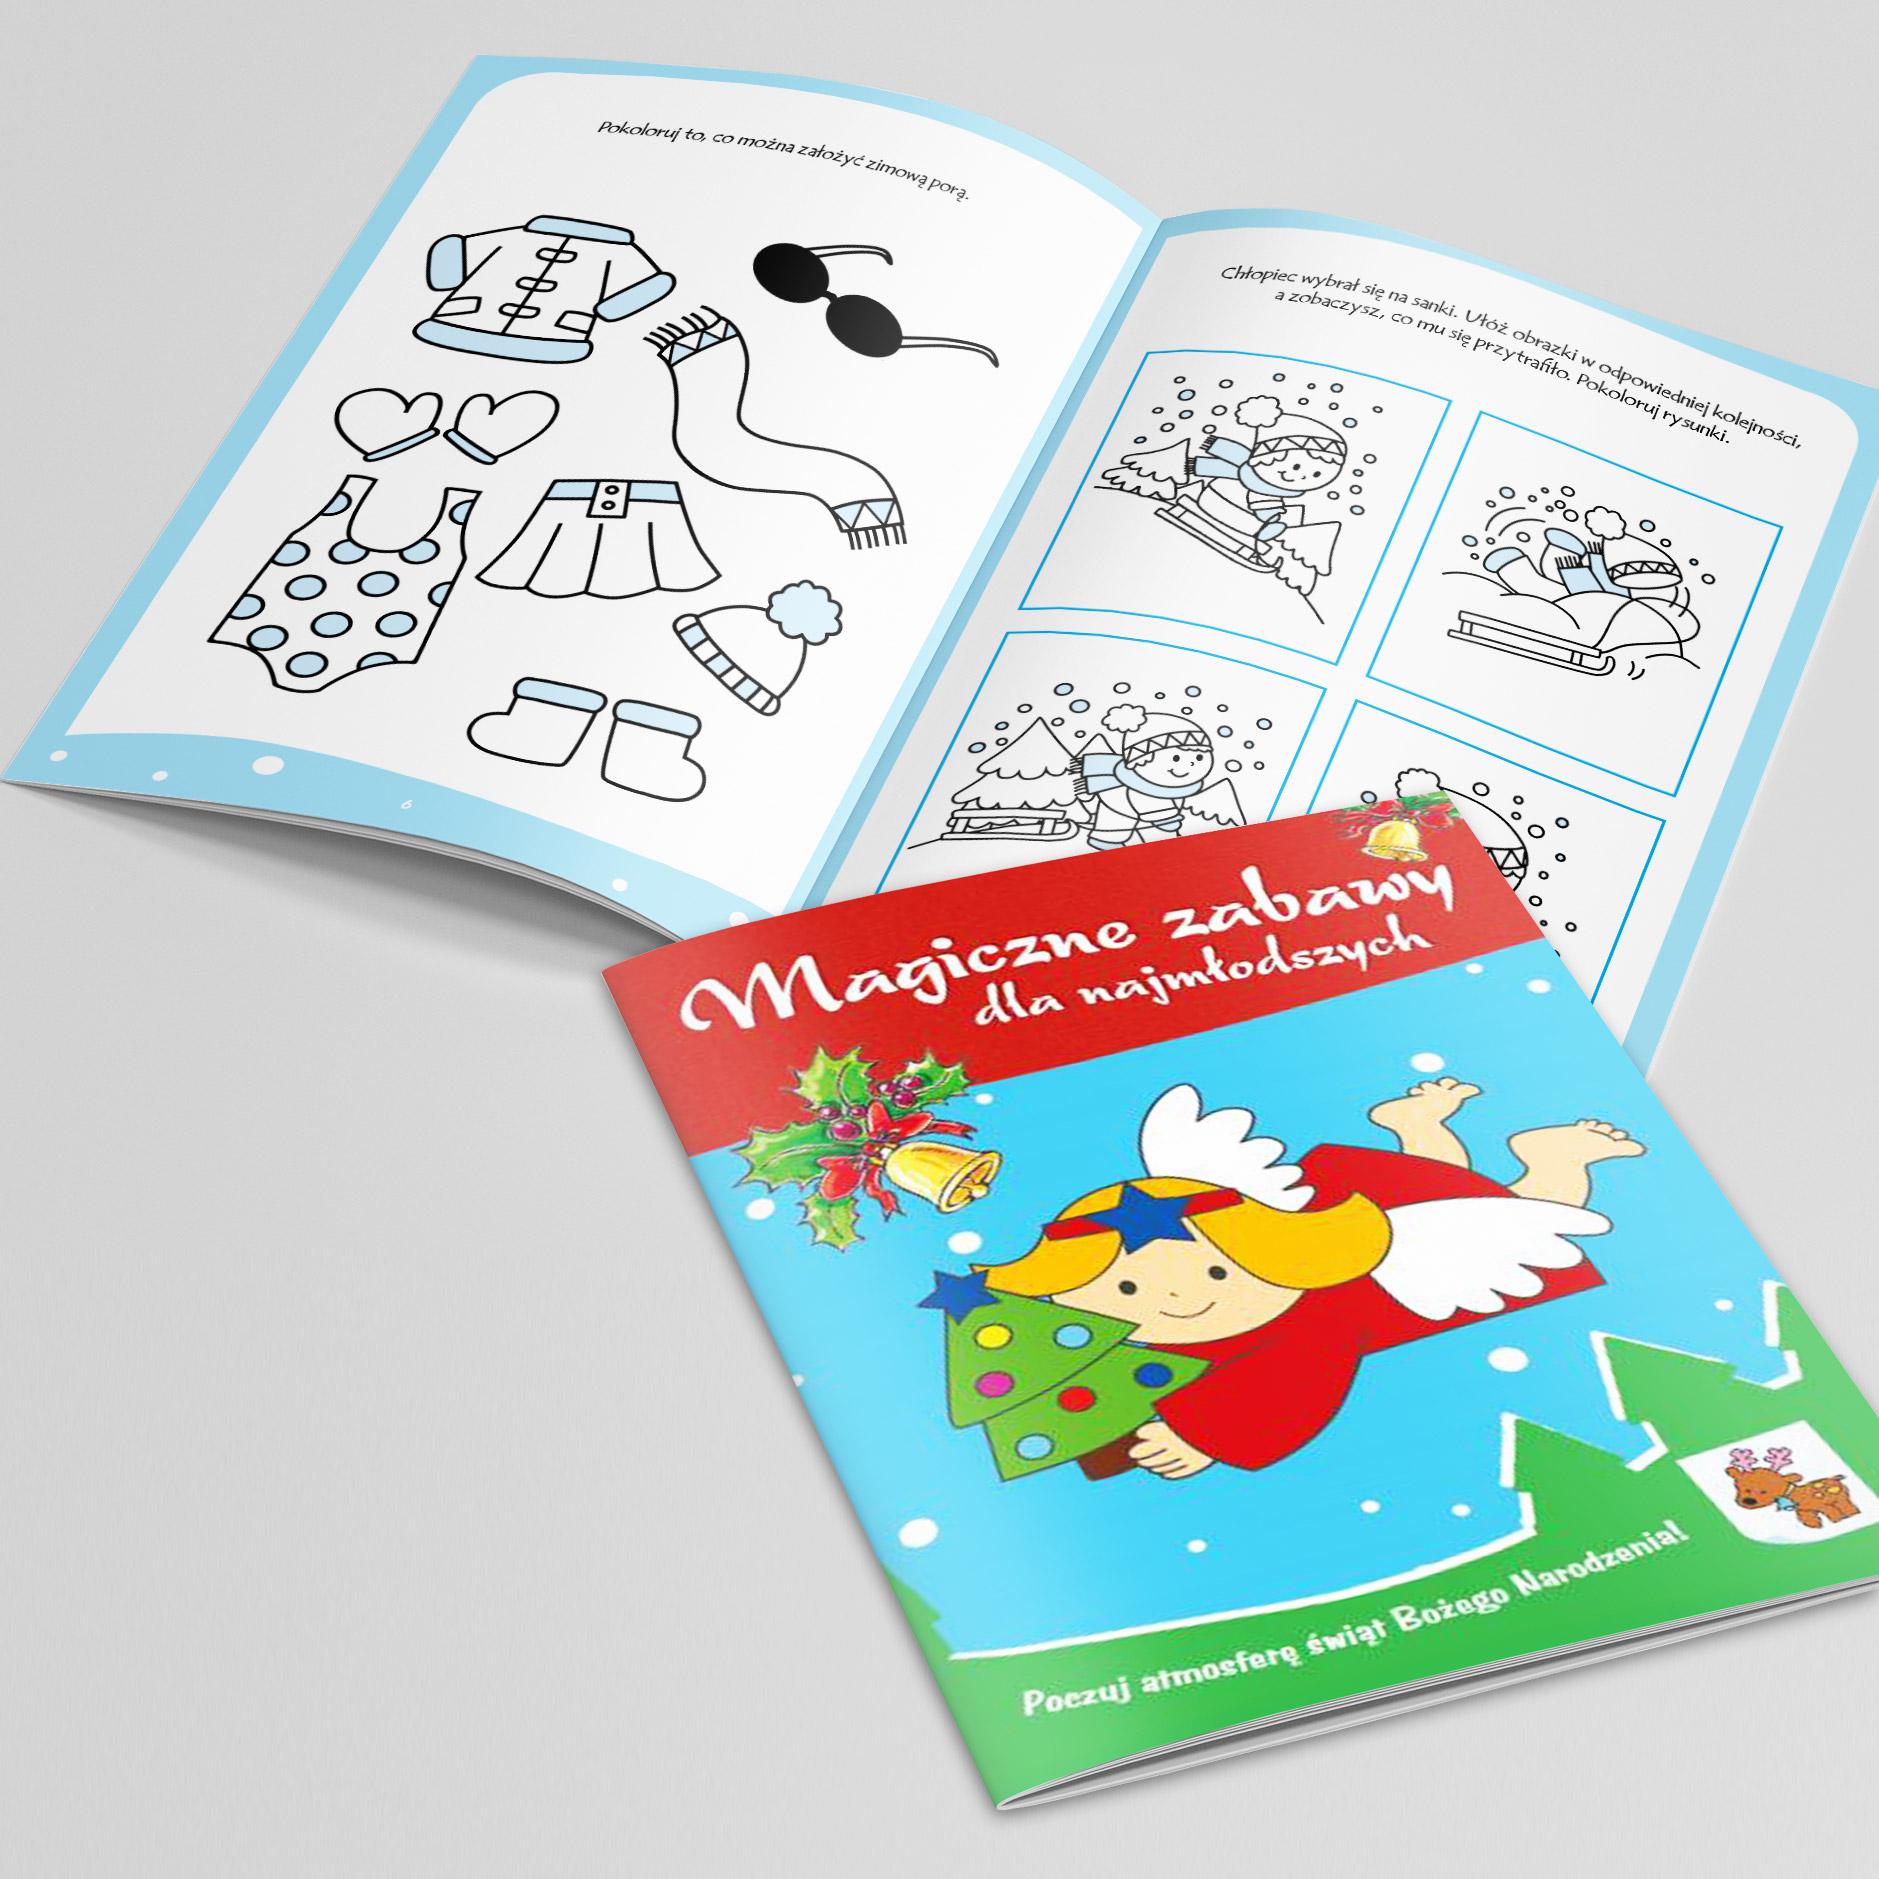 Magiczne zabawy dla najmłodszych